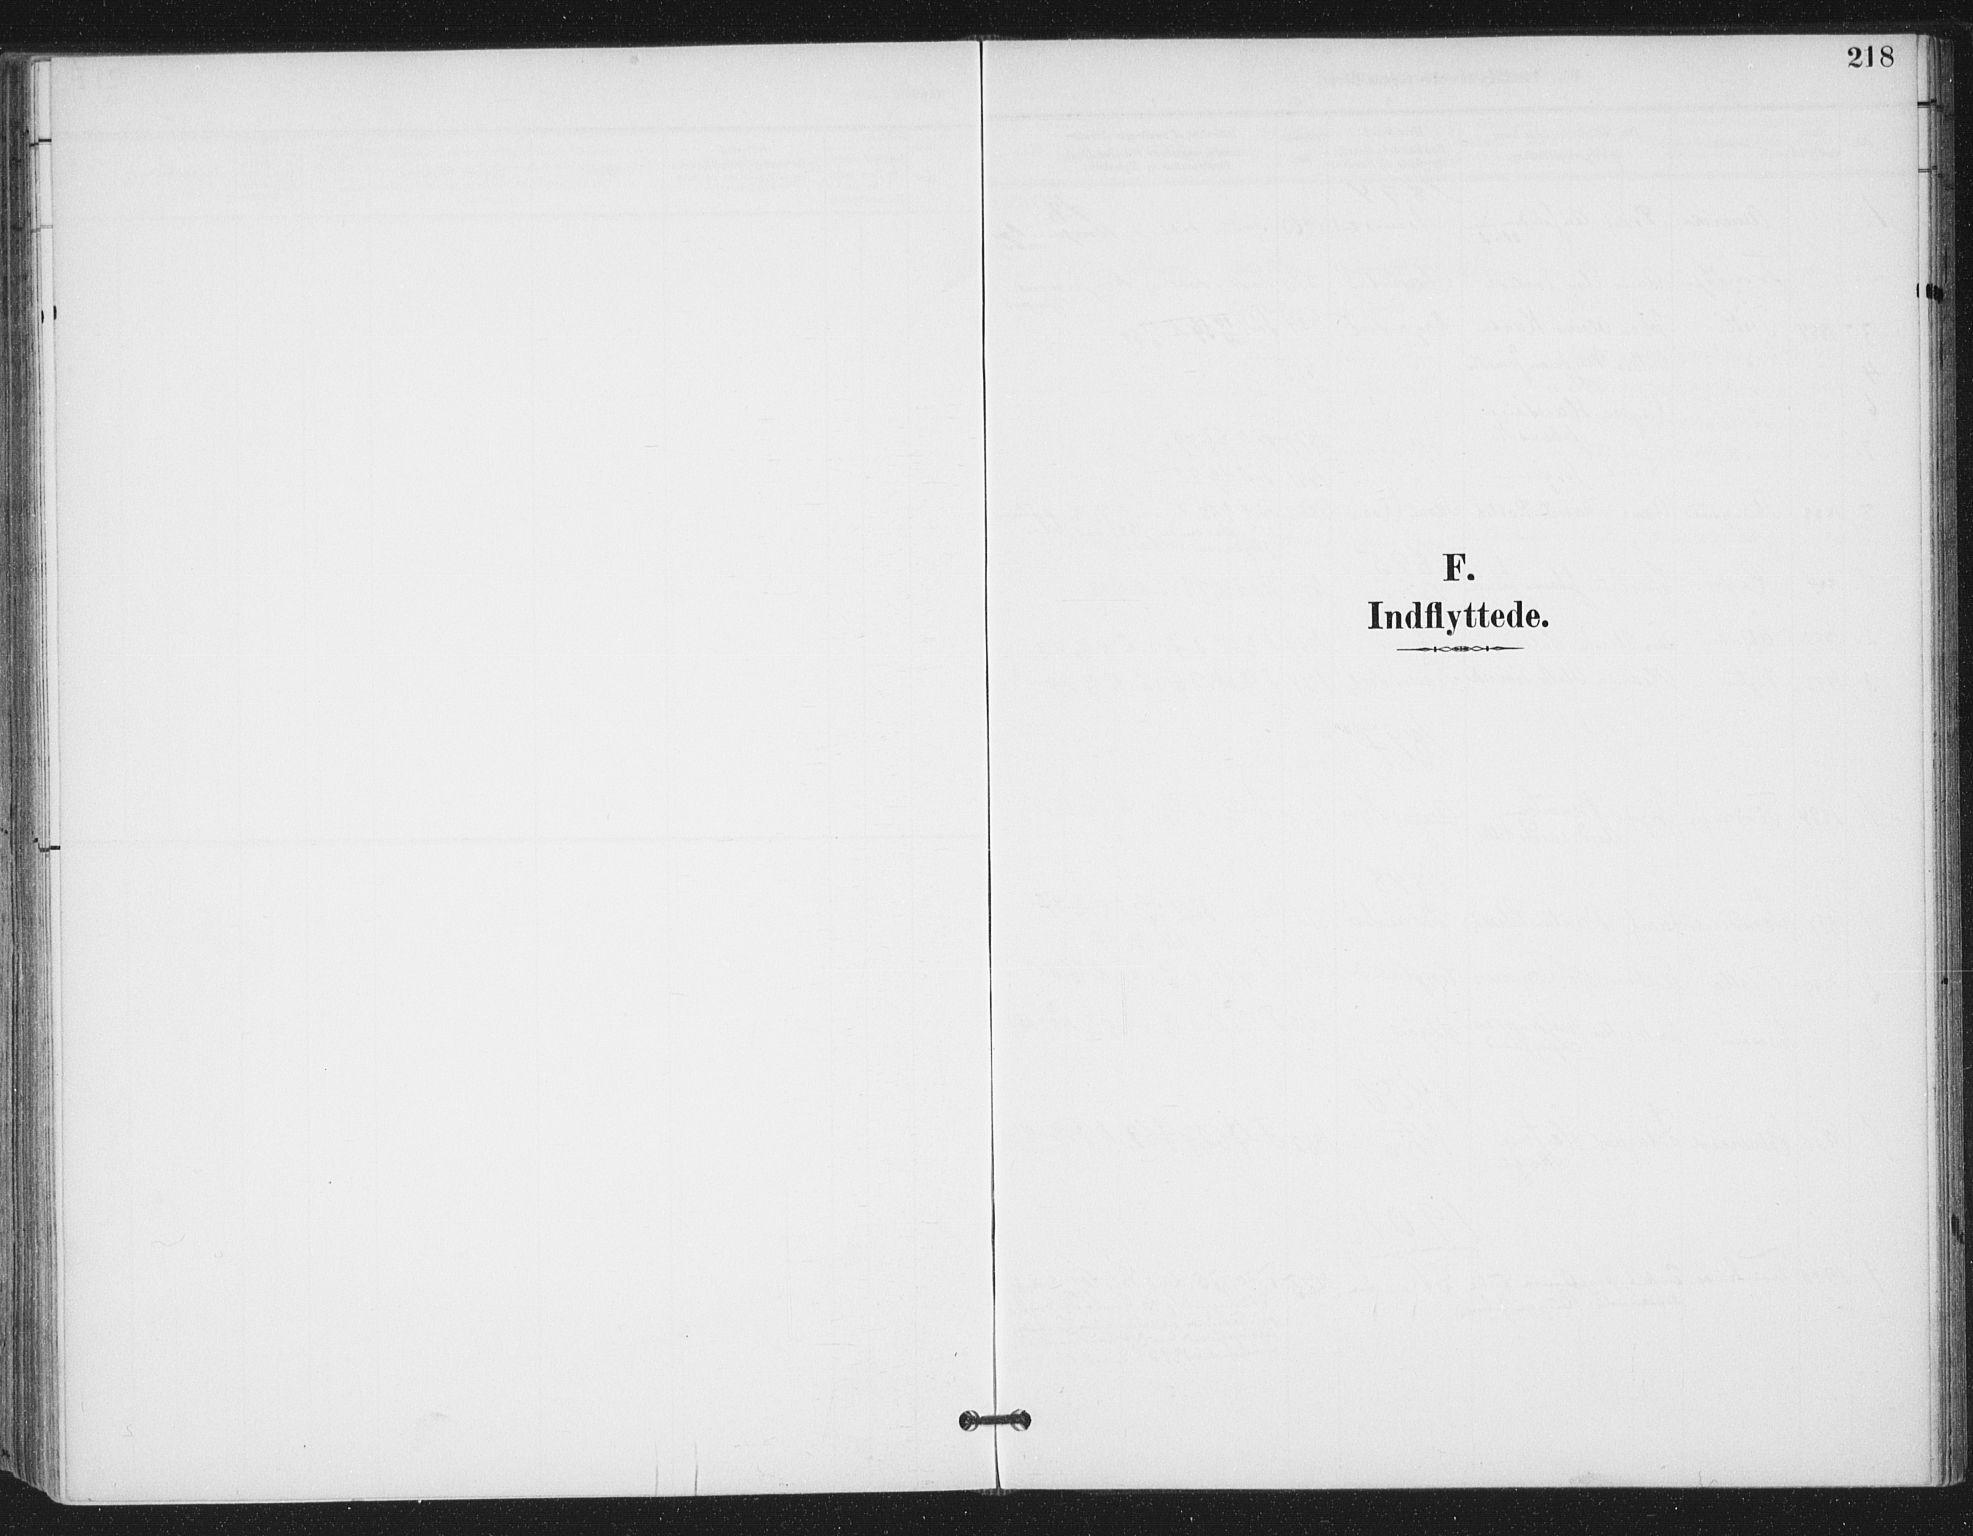 SAT, Ministerialprotokoller, klokkerbøker og fødselsregistre - Sør-Trøndelag, 657/L0708: Ministerialbok nr. 657A09, 1894-1904, s. 218